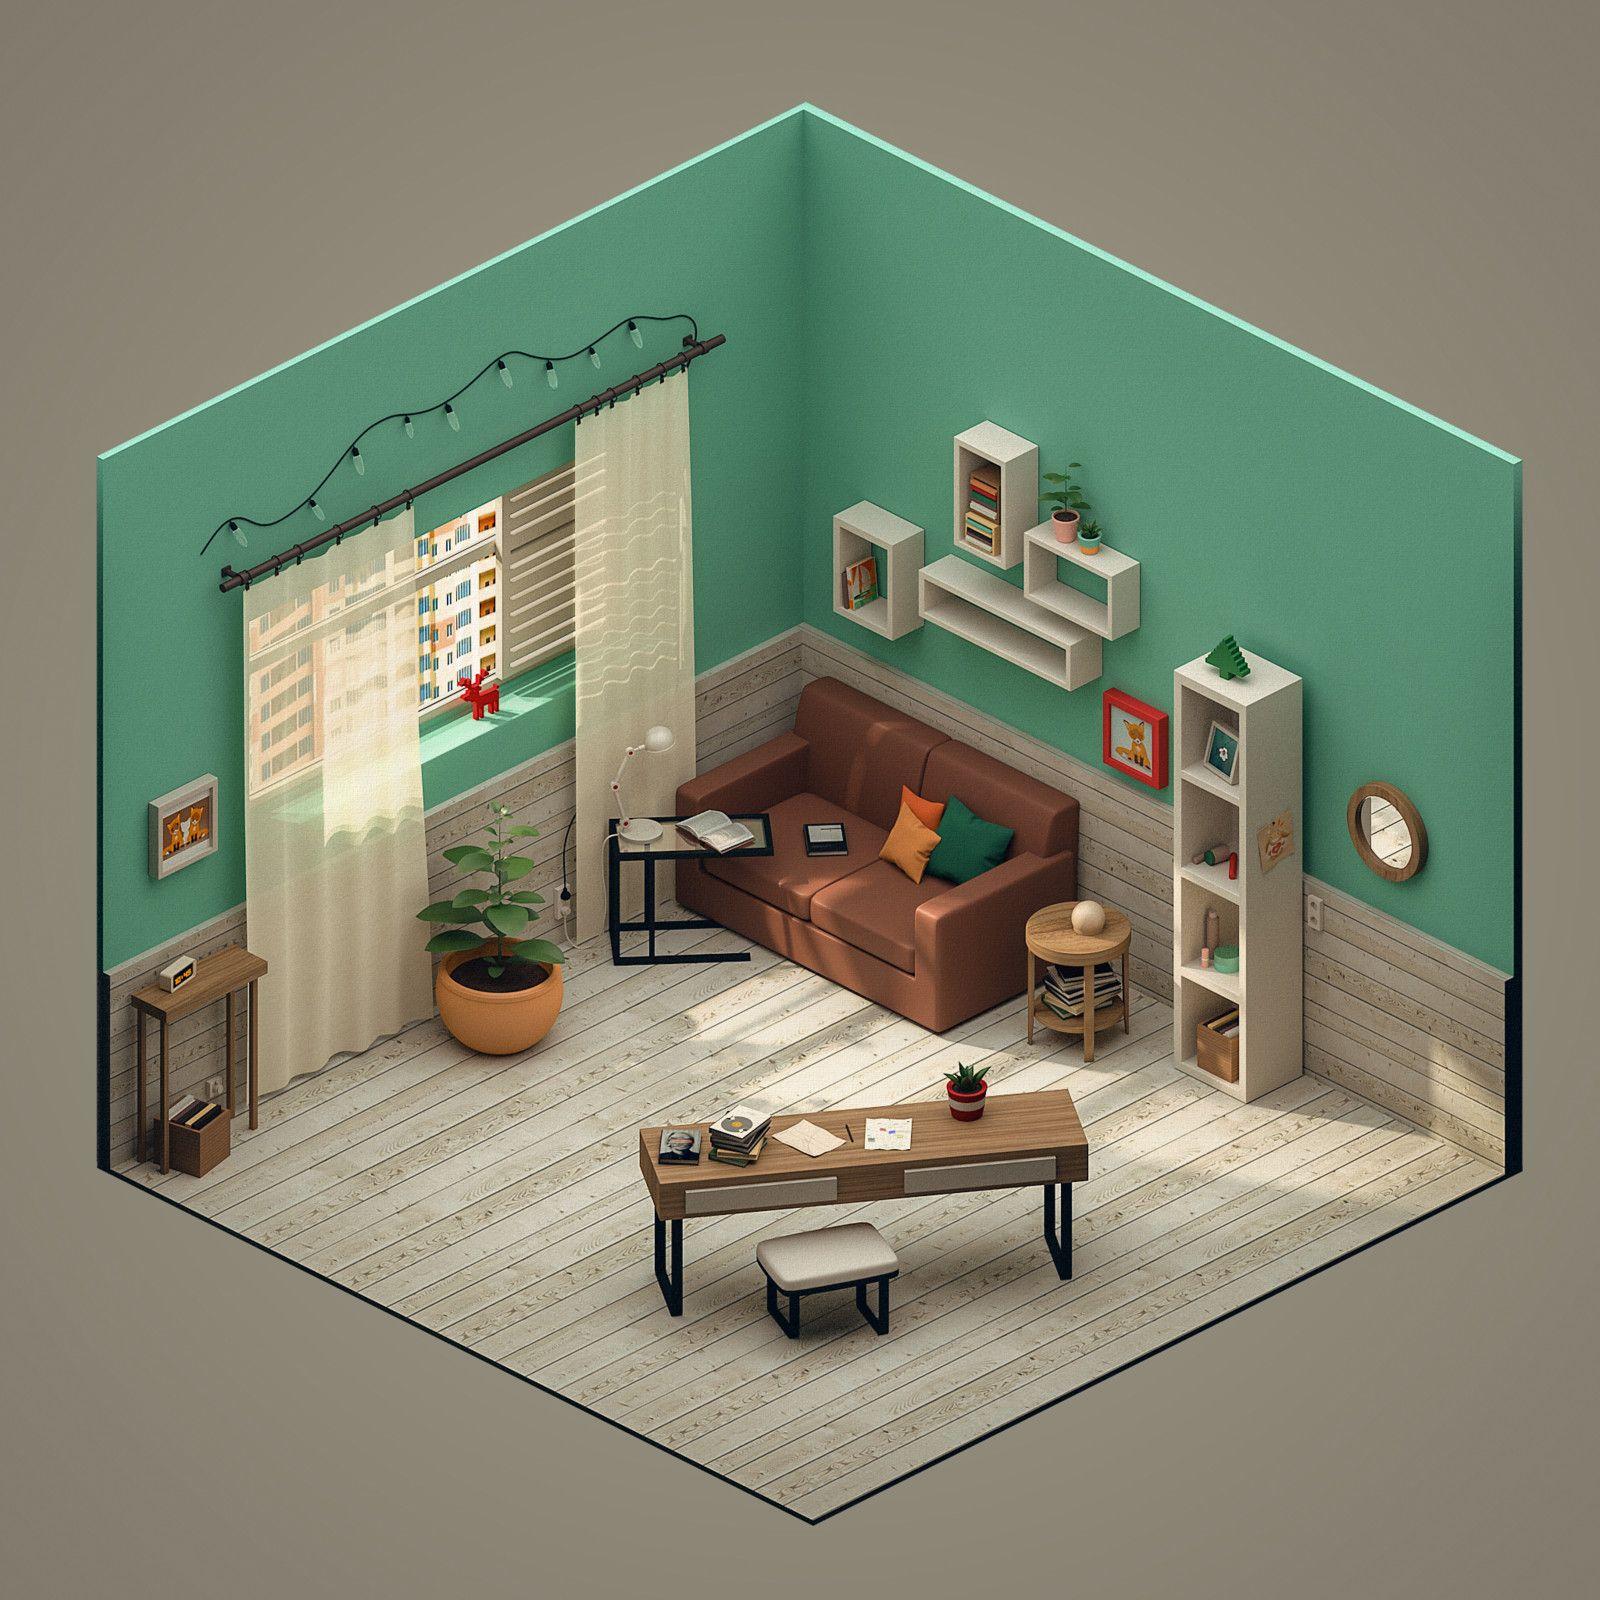 Isometric 3d Room Polina Leskova On Artstation At Https Www